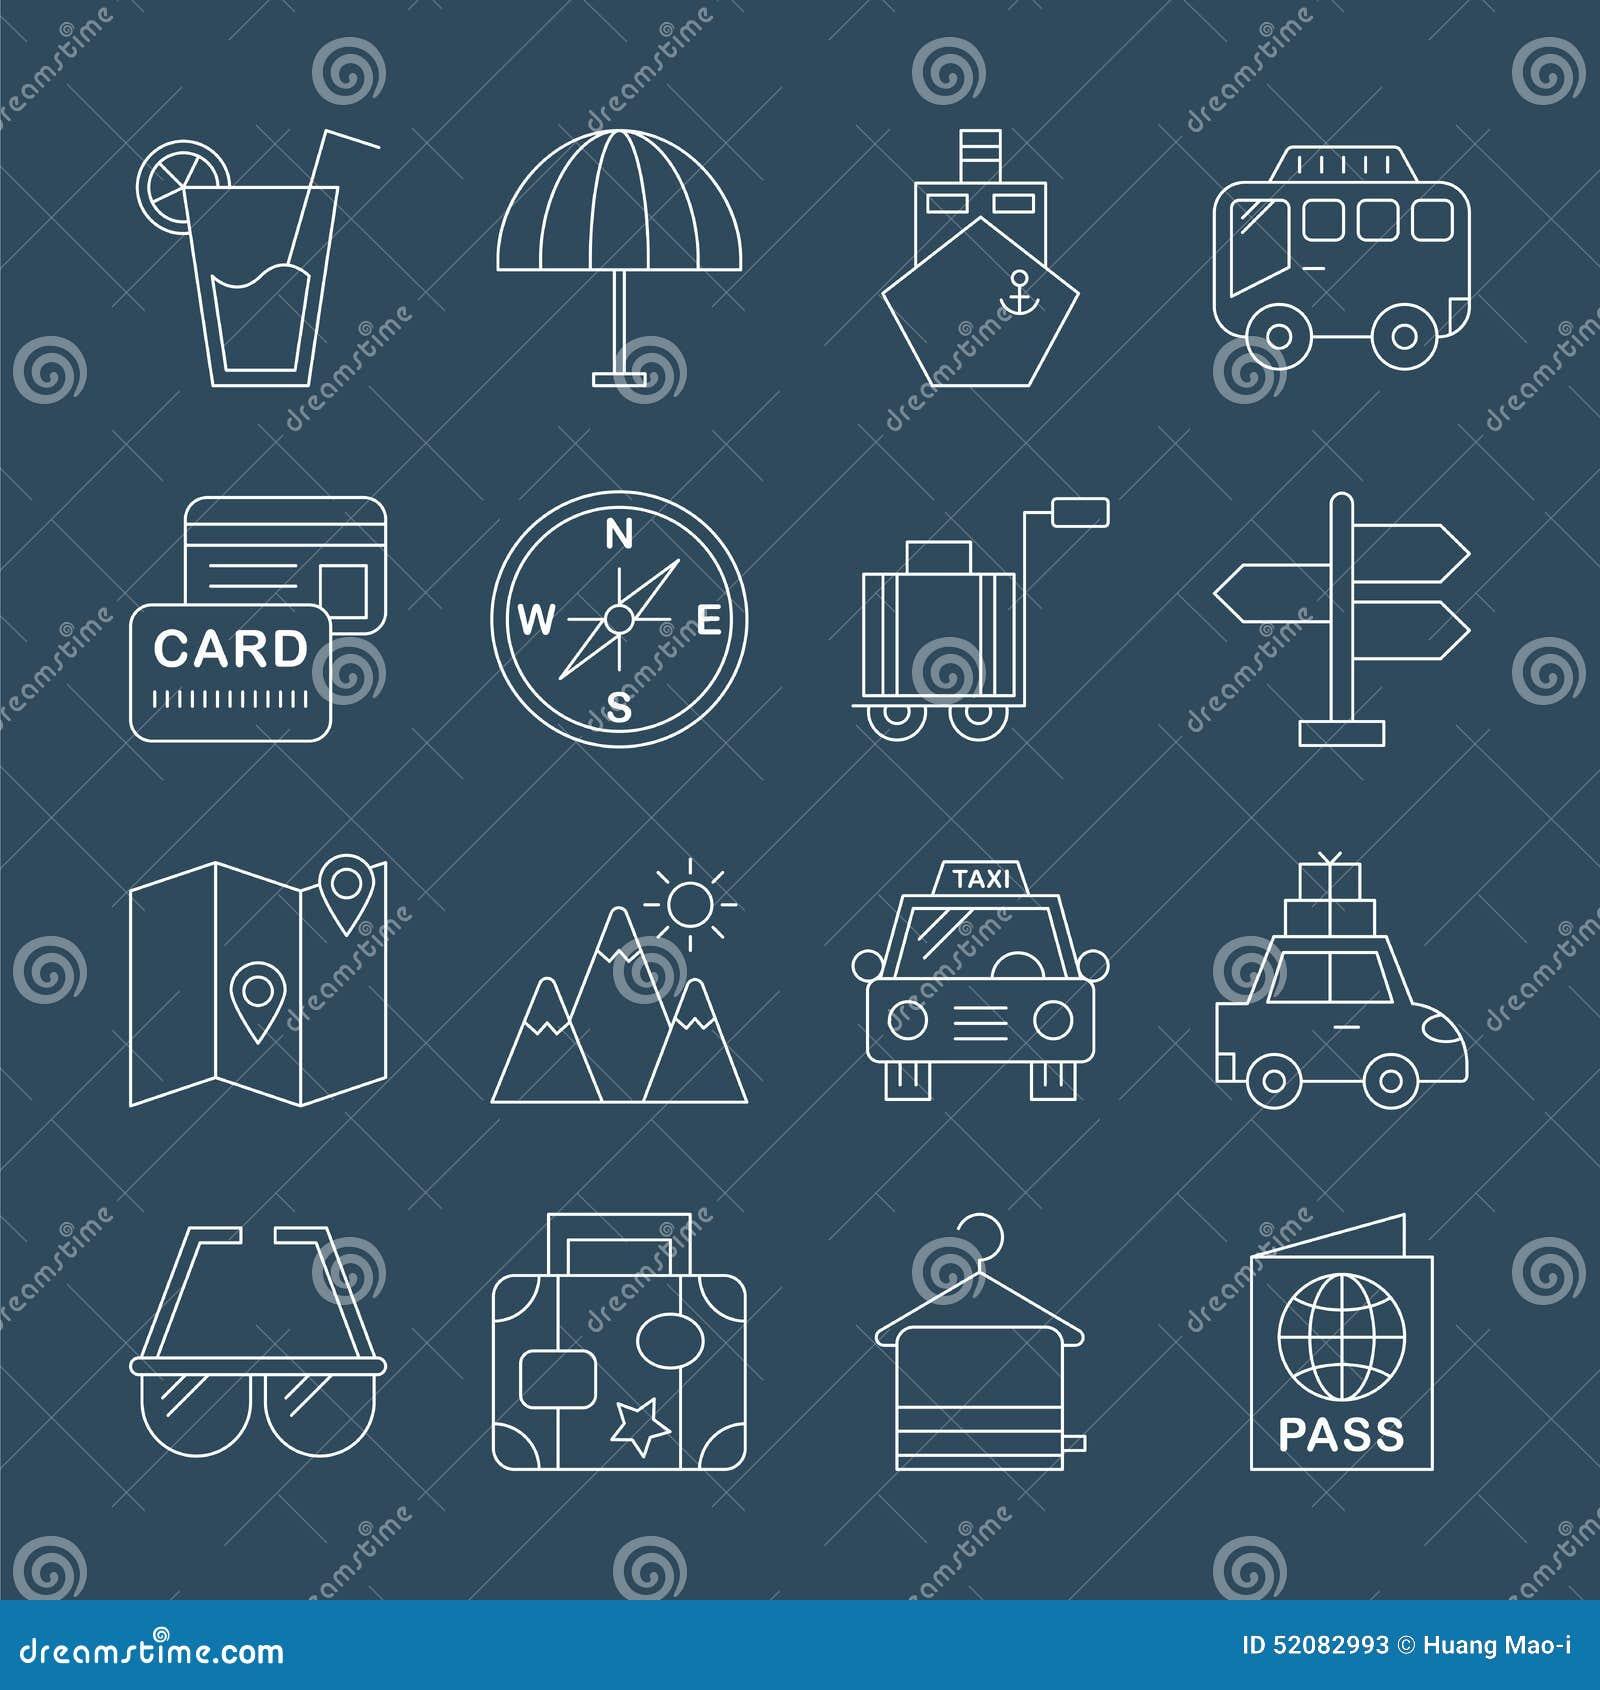 Travel line icon set